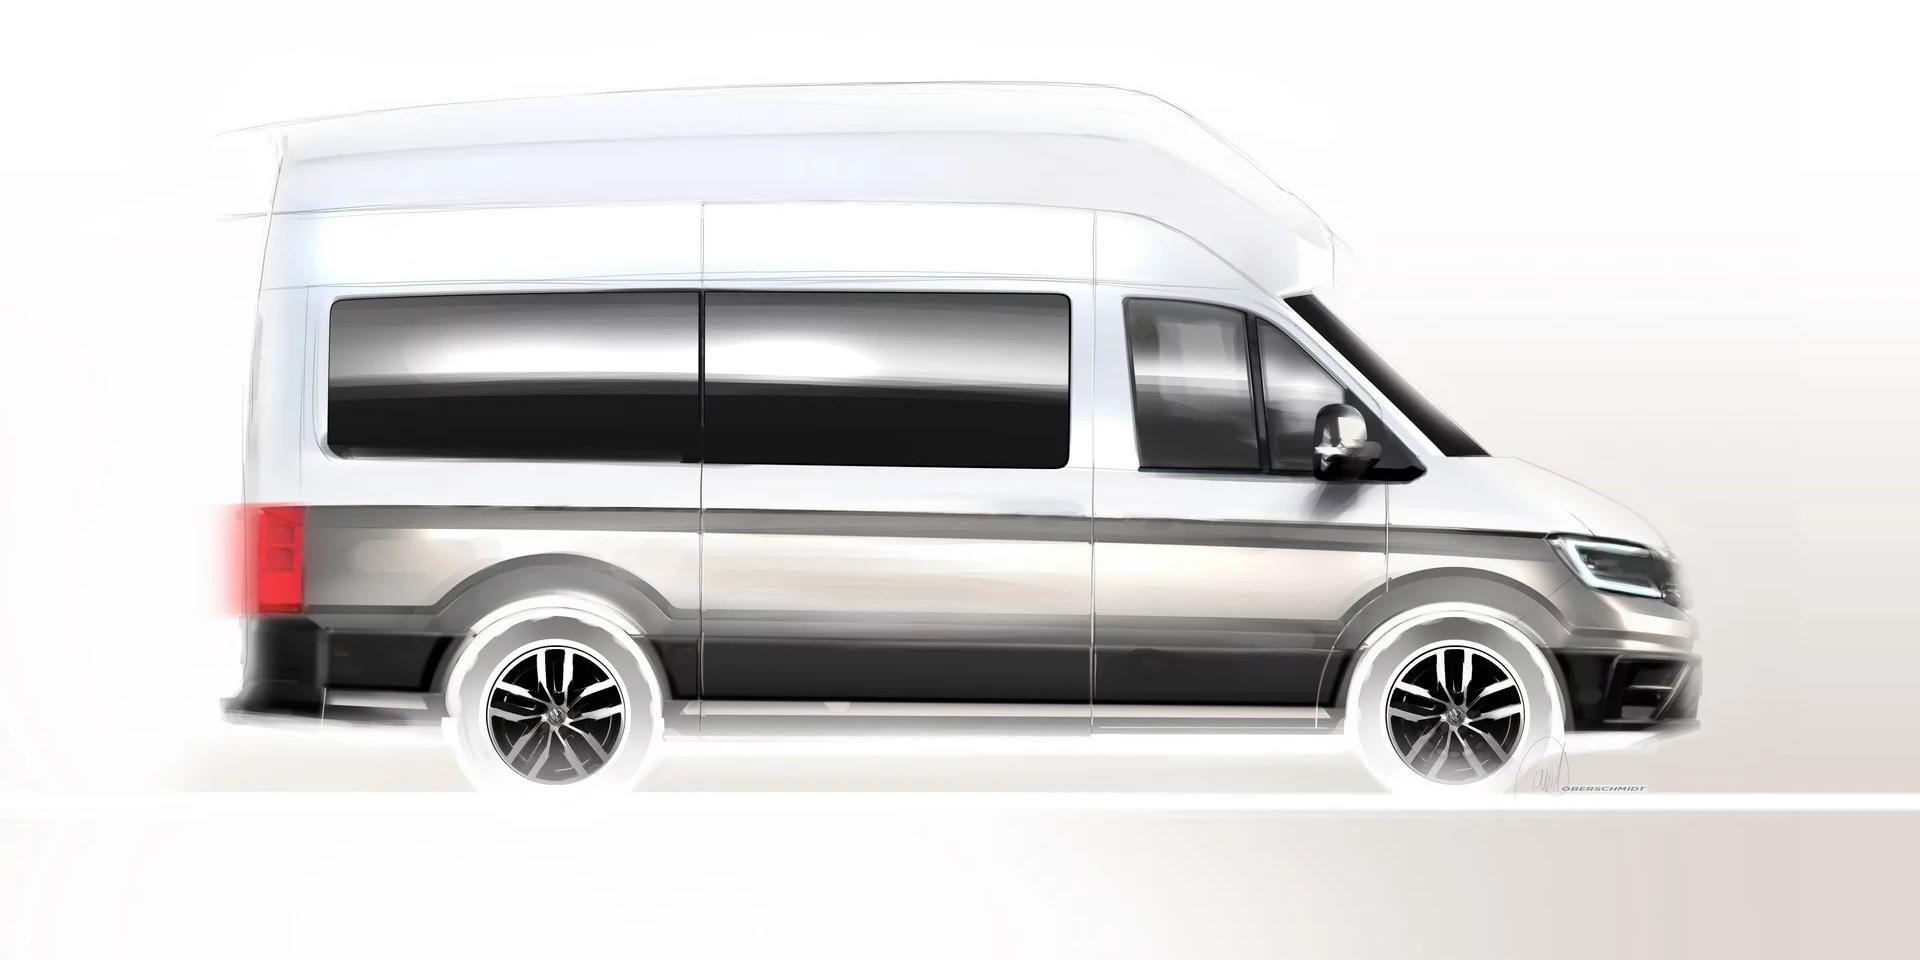 顛覆你對廂型車的想像,Volkswagen全新Crafter露營車竟然還有廁所